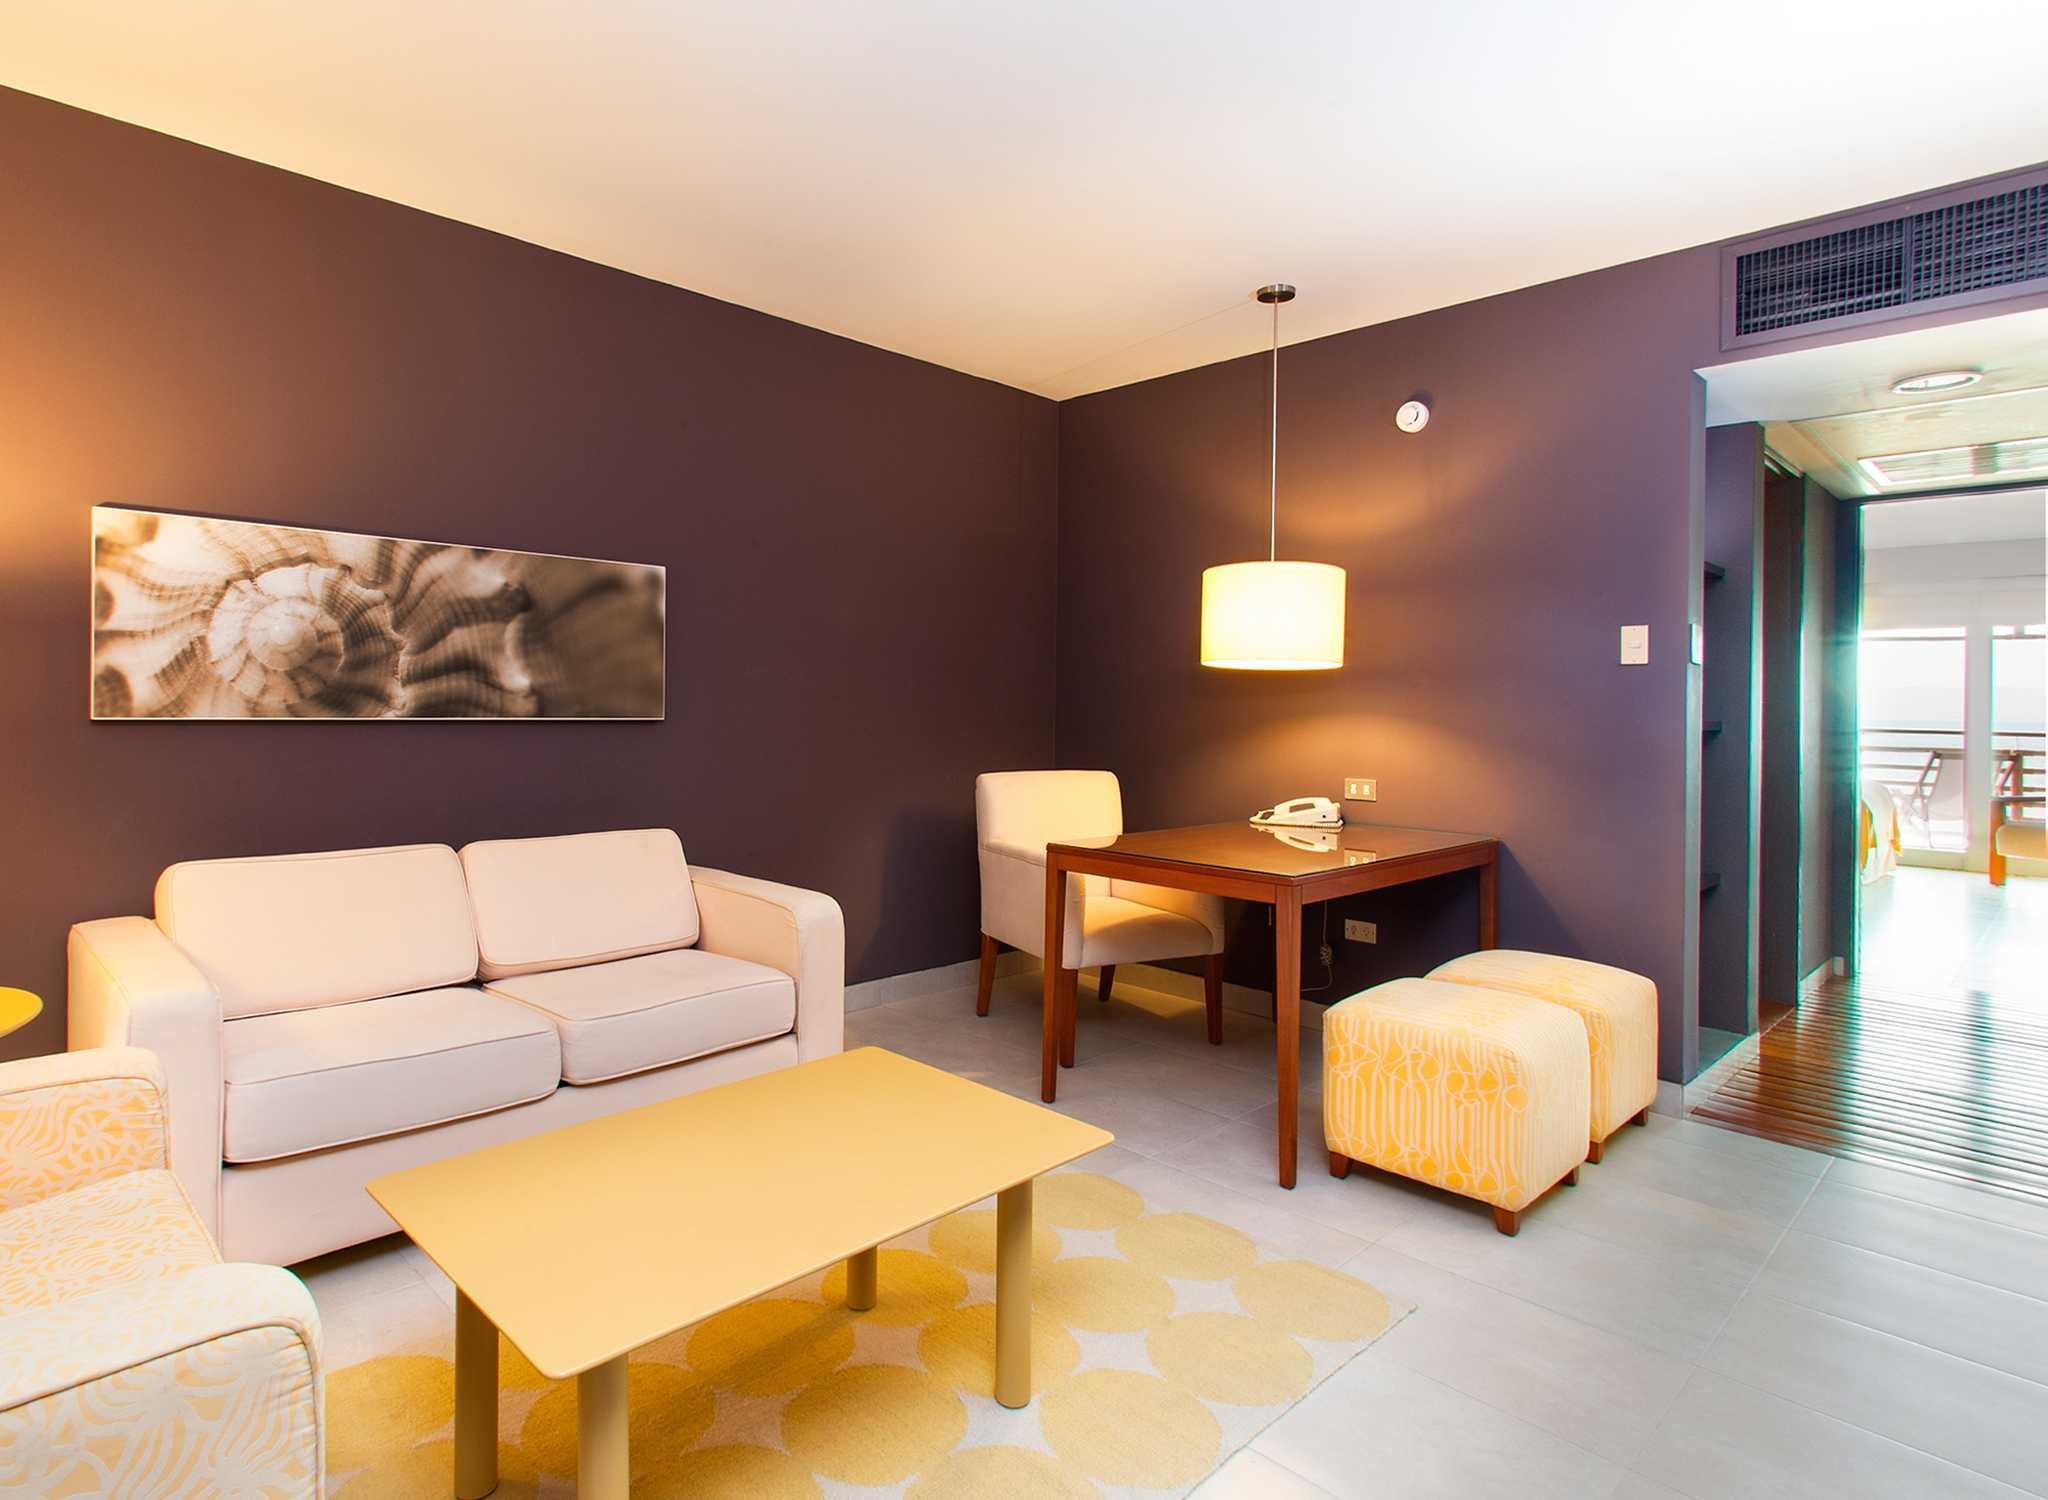 En Suite La Gi: Hotel DoubleTree Resort By Hilton